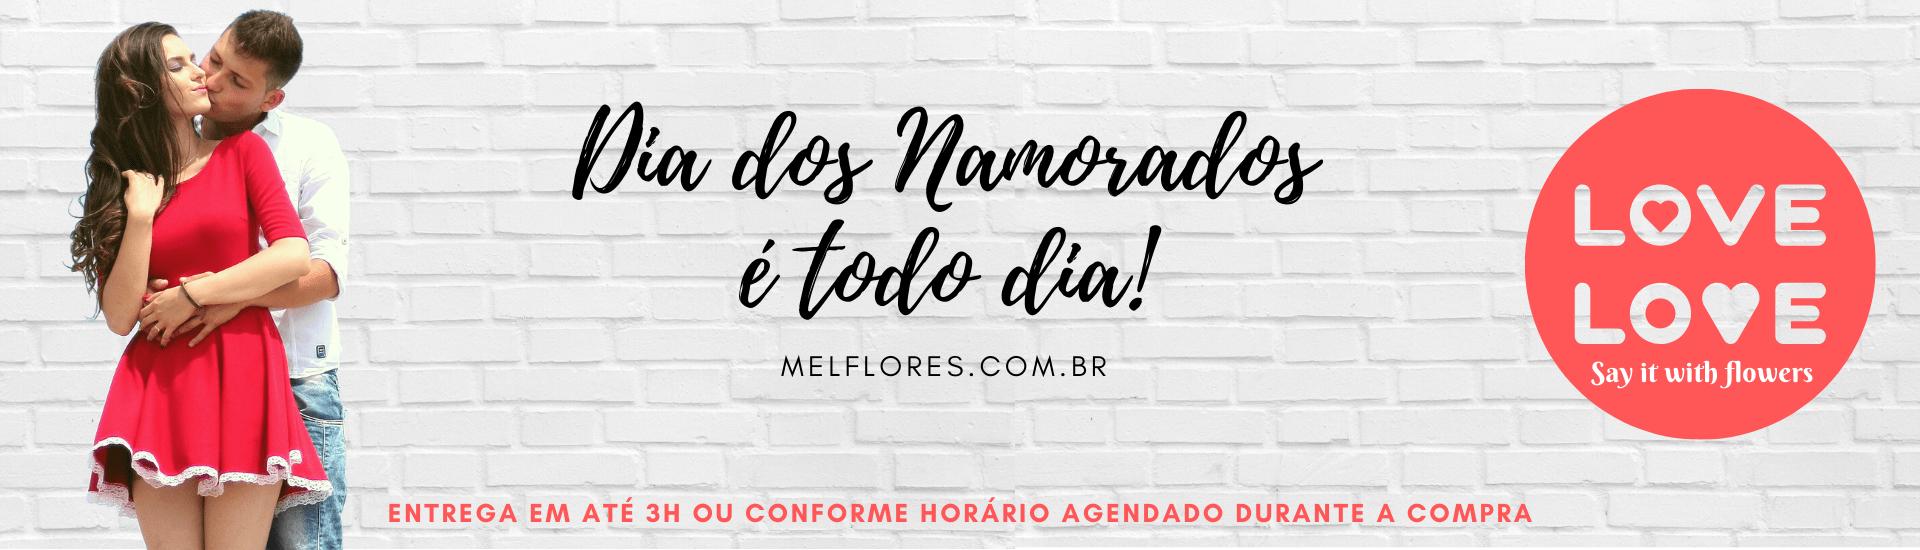 Floricultura em Ipatinga - Mel Flores - Floricultura online